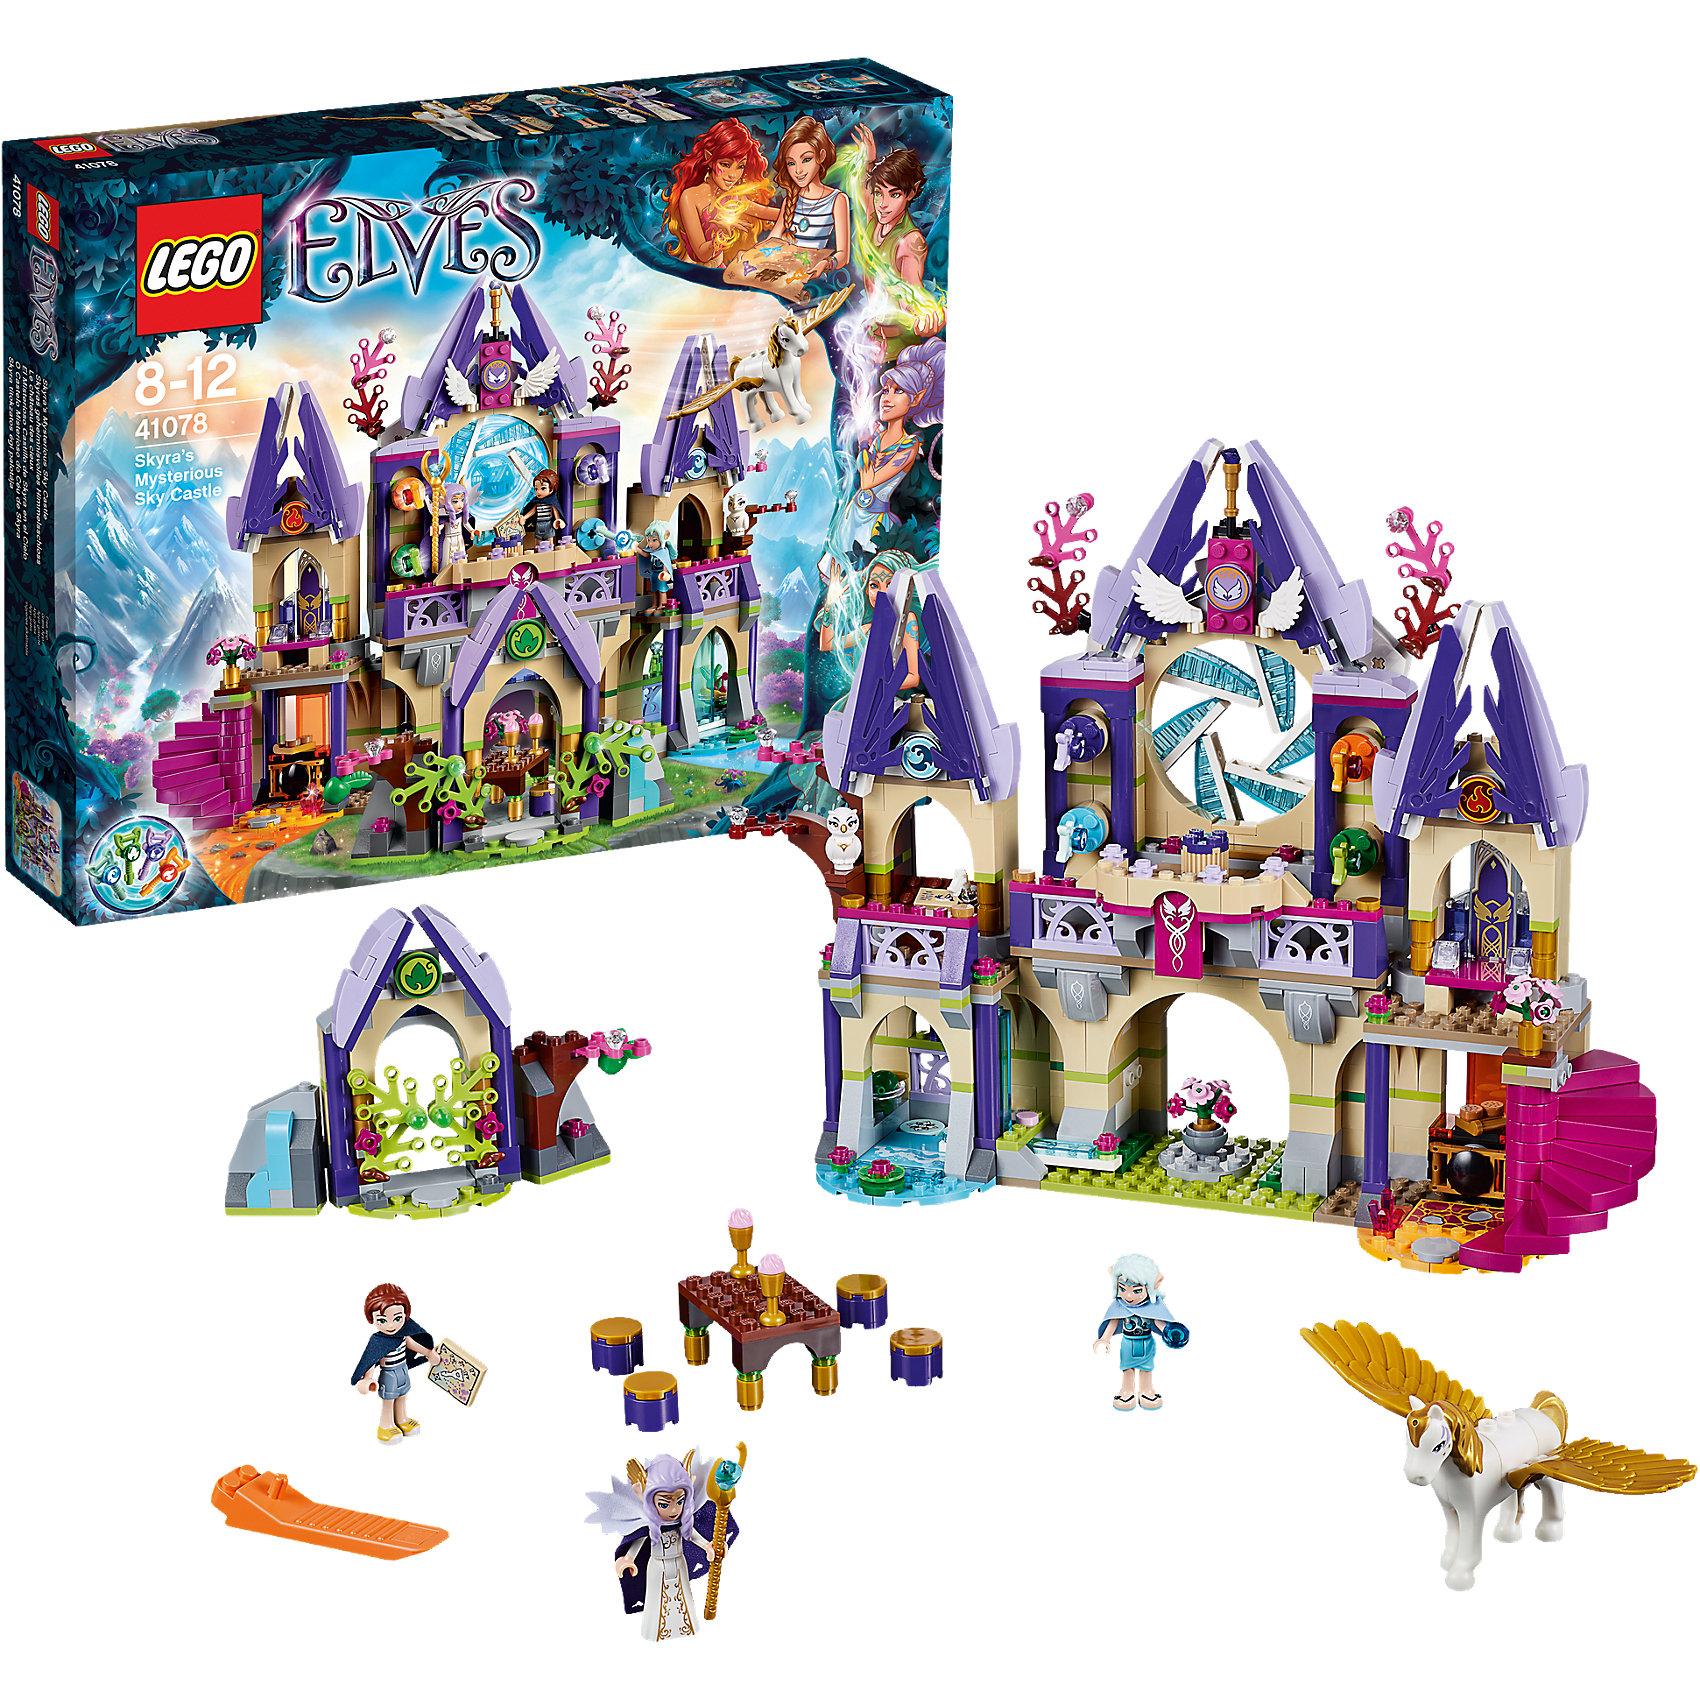 LEGO Elves 41078: Небесный замок СкайрыПластмассовые конструкторы<br>Набор LEGO Elves (ЛЕГО Эльфы) 41078: Небесный замок Скайры - это венец всей серии! Масштабный набор позволит построить чудесный двухэтажный замок, полный тайн и приключений. Именно в этом наборе ребенок сможет увидеть все 4 загадочных ключа, которые могут помочь Эмили Джонс покинуть Эльфендейл. Новые друзья помогли девочки найти заветные магические ключи, но чтобы открыть портал и отправиться обратно в бабушкин сад, Эмили и Наиде предстоит еще много испытаний в замке Скайры. Сначала нужно расчистить вход, ведь потайные ворота заросли плотными ветвями, а затем не дороге путников станет огненная река. Ничего не бойся и все препятствия останутся позади. Прояви смекалку и гордый пегас пропустит тебя дальше. И вот когда цель близка как никогда, Эмили необходимо растопить суровое сердце хранительницы портала в мир людей. А какие неожиданности случатся с героями дальше - решать только тебе! Построй таинственный небесный замок Скайры и отправляйся навстречу приключениям вместе с чудесными Эльфами!<br><br>LEGO Elves (ЛЕГО Эльфы) - удивительная серия, рассказывающая о таинственном и волшебном мире эльфов, в который попала девушка из обычного мира, Эмили Джонс. Дружба, отвага, взаимная поддержка и вера в себя – вот, что поможет девочке Эмили вернуться домой. Наборы прекрасно подходят для ролевой игры и способствуют интеллектуальному и творческому развитию ребенка.<br><br>Дополнительная информация:<br><br>- Конструкторы LEGO (ЛЕГО) отлично развивают моторику, мышление и фантазию Вашего ребенка;<br>- В комплекте: 3 минифигурки (Эмили Джонс, Наида и Скайра), пегас Златогривка, сова Наска, детали набора;<br>- Количество деталей: 808 шт;<br>- Серия: LEGO Elves (ЛЕГО Эльфы);<br>- Материал: безопасный пластик;<br>- Размер упаковки: 48 х 38 х 7 см.<br><br>Конструктор LEGO Elves (ЛЕГО Эльфы) 41078: Небесный замок Скайры можно купить в нашем магазине.<br><br>Ширина мм: 473<br>Глубина мм: 373<br>Высота мм: 83<br>Вес г: 